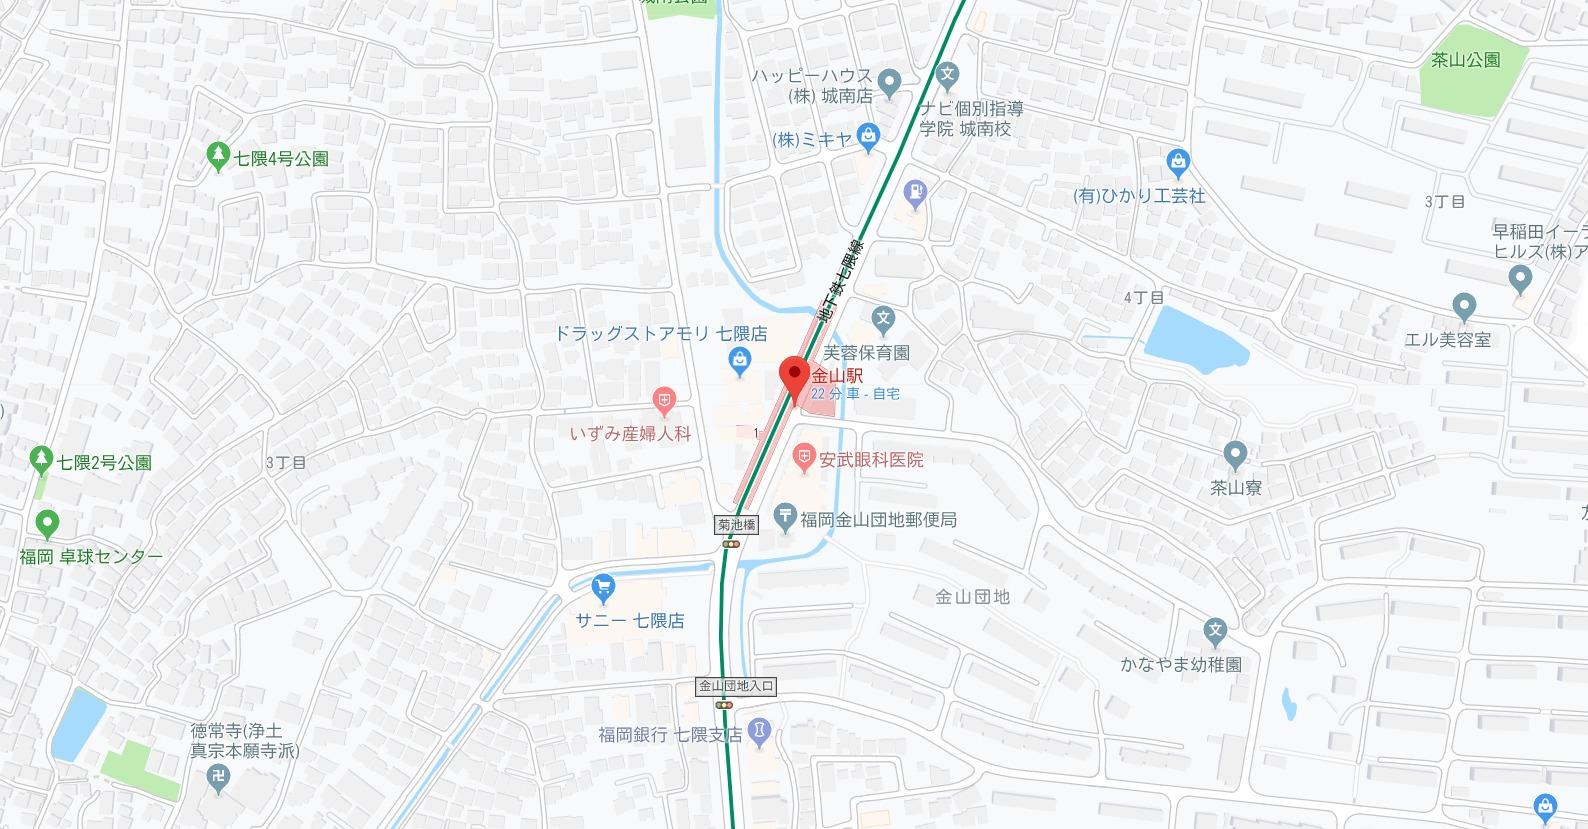 地下鉄七隈線 金山駅エリア(福岡市城南区)